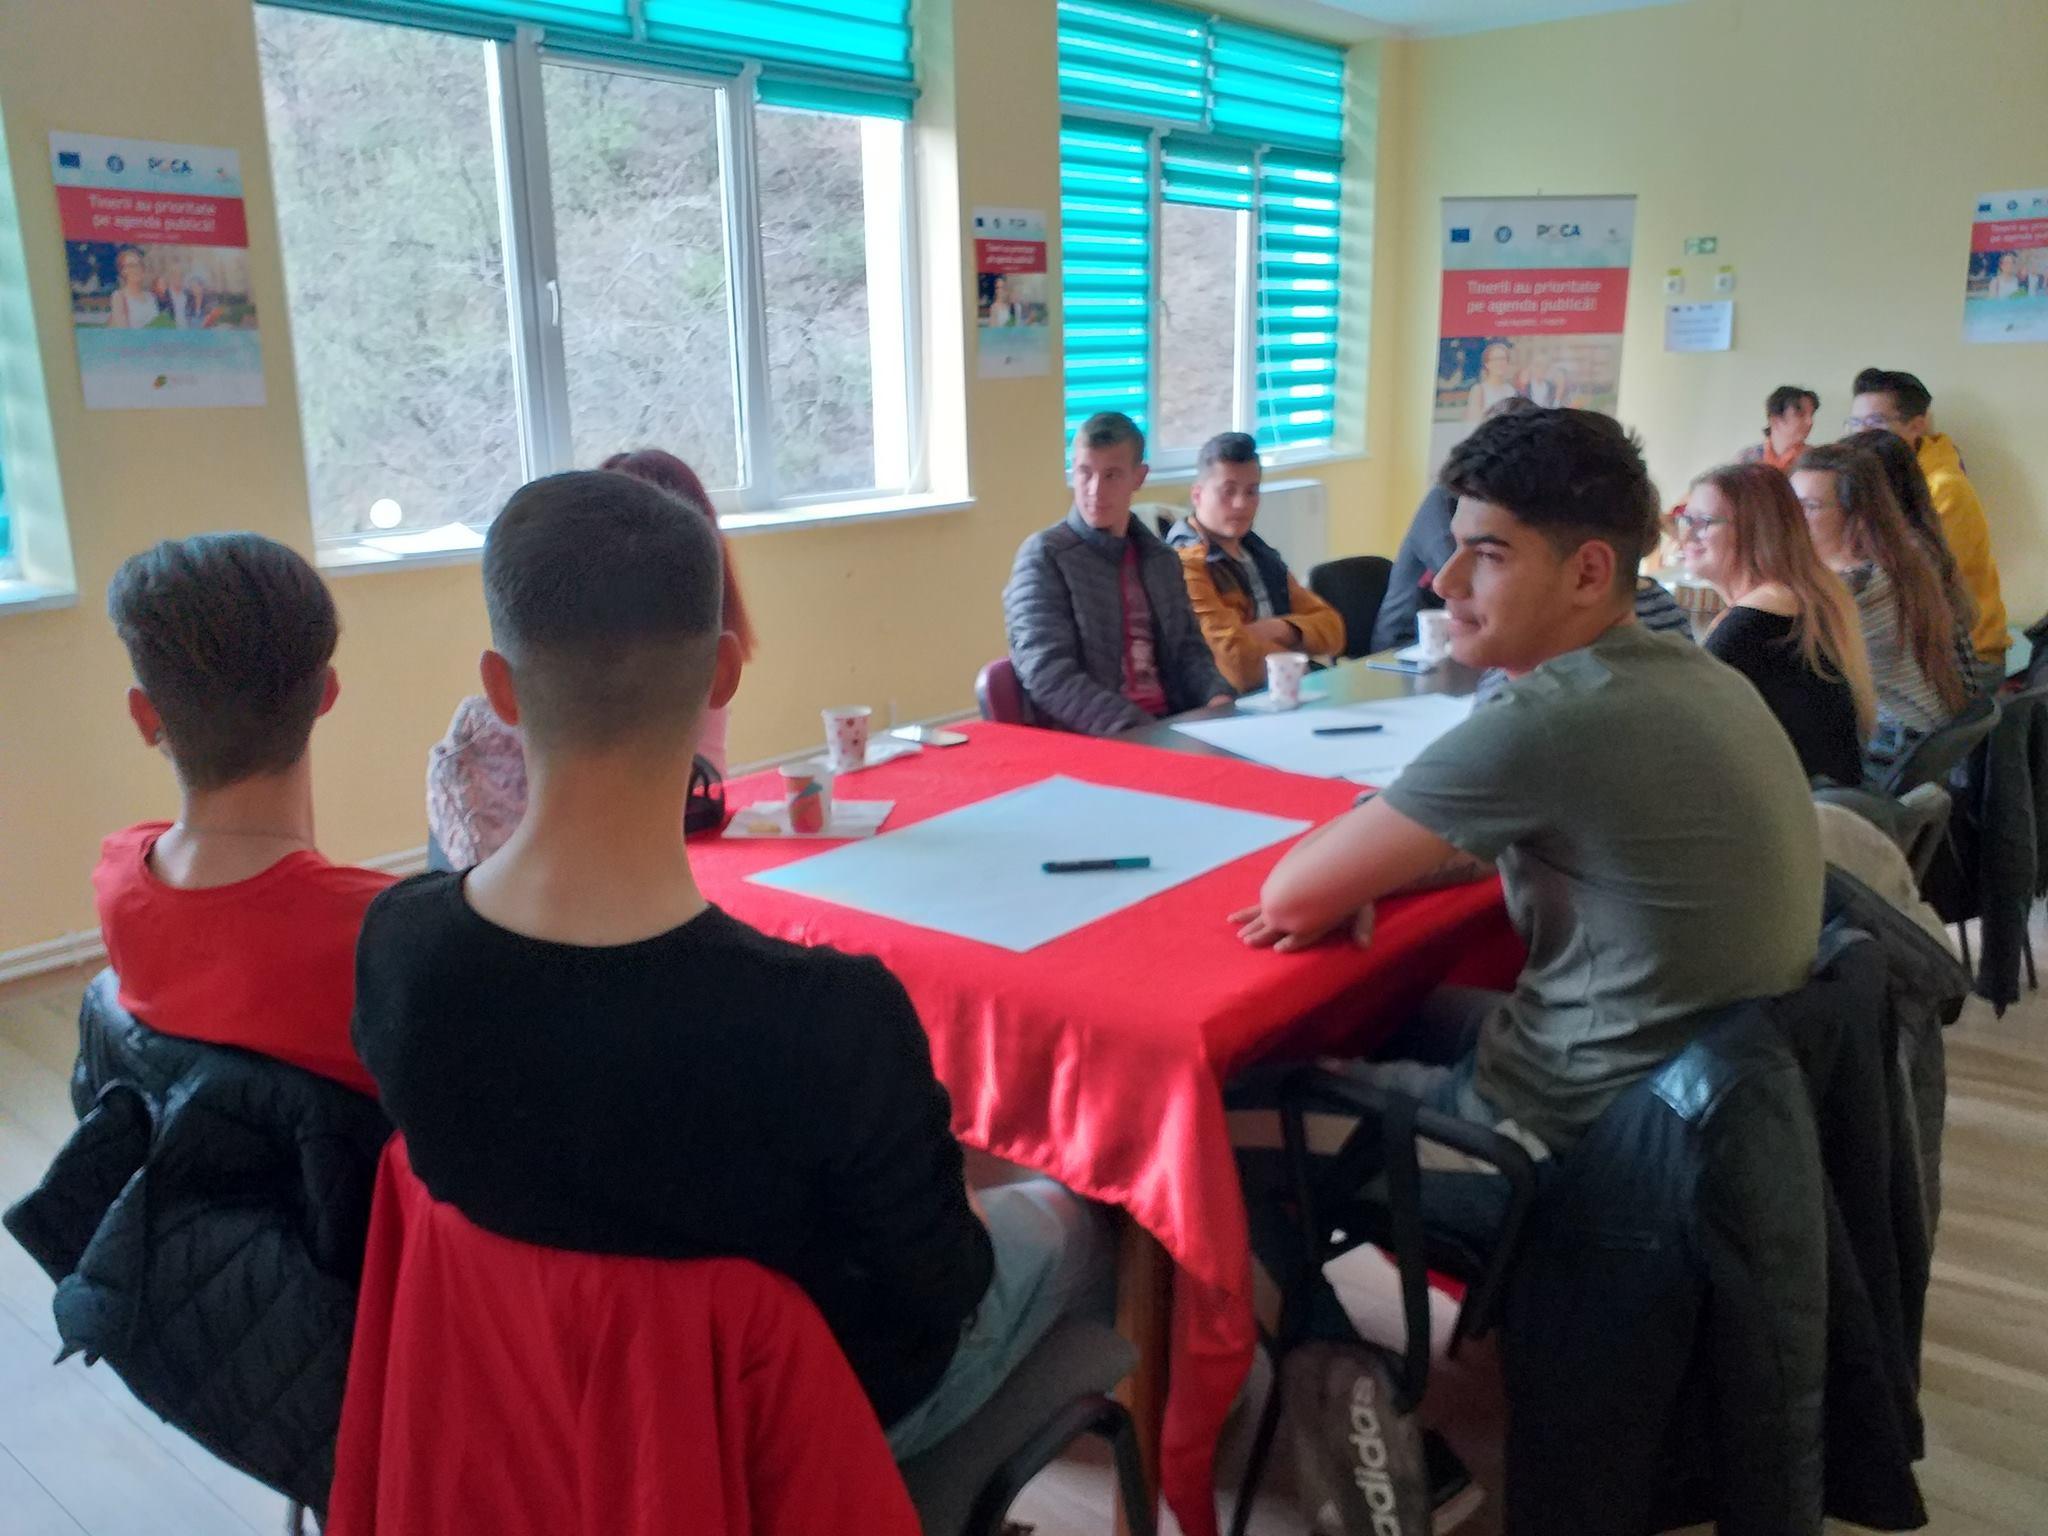 Întâlnire CPA nr. 10 – Tinerii au prioritate pe agenda publică!